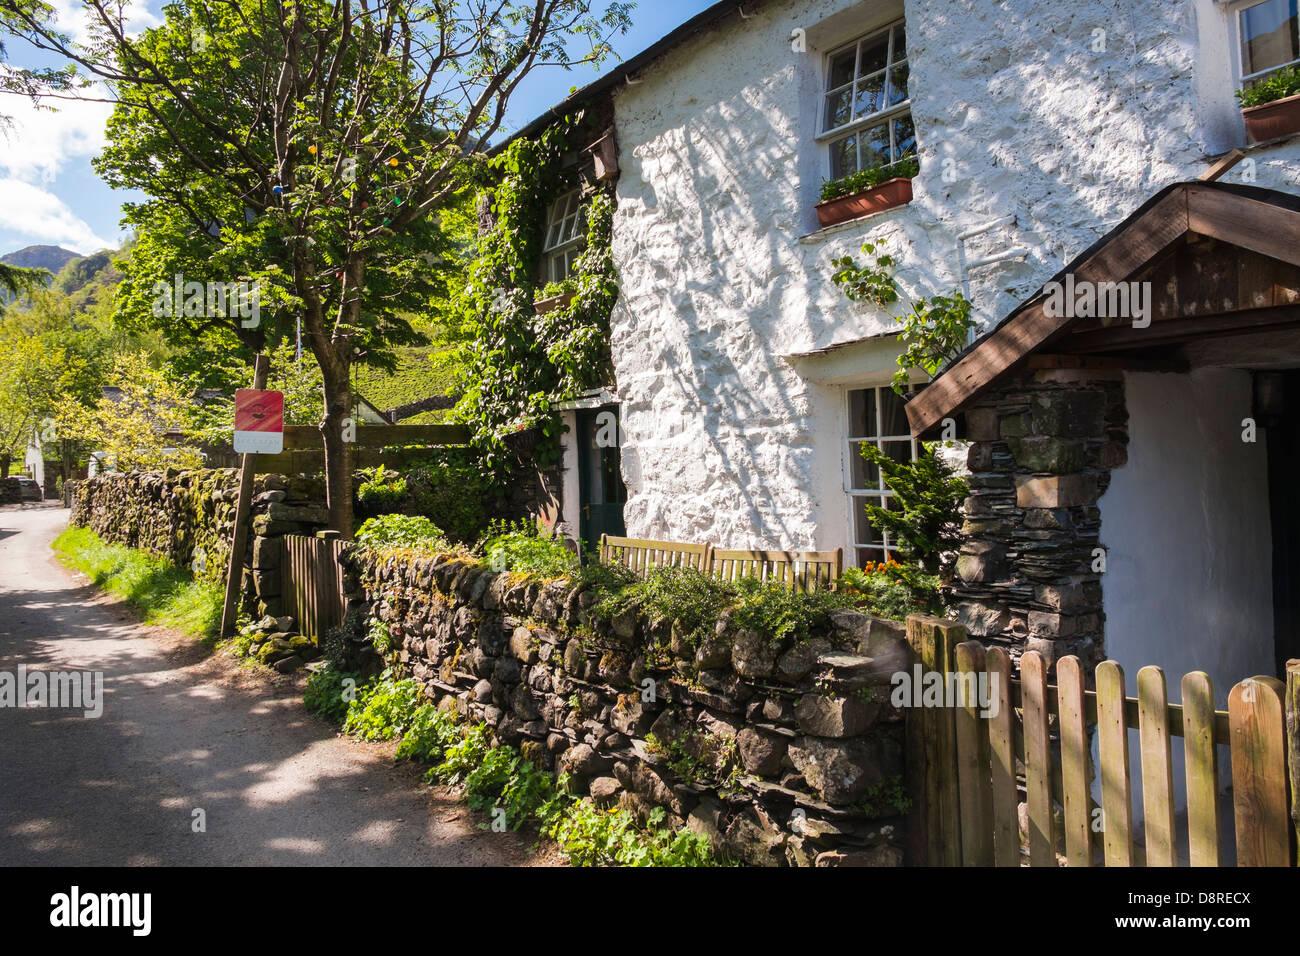 Knotts View Guest House che vende laghi inglese tradizionale di lusso gelato presso Stonethwaite nel distretto del Immagini Stock